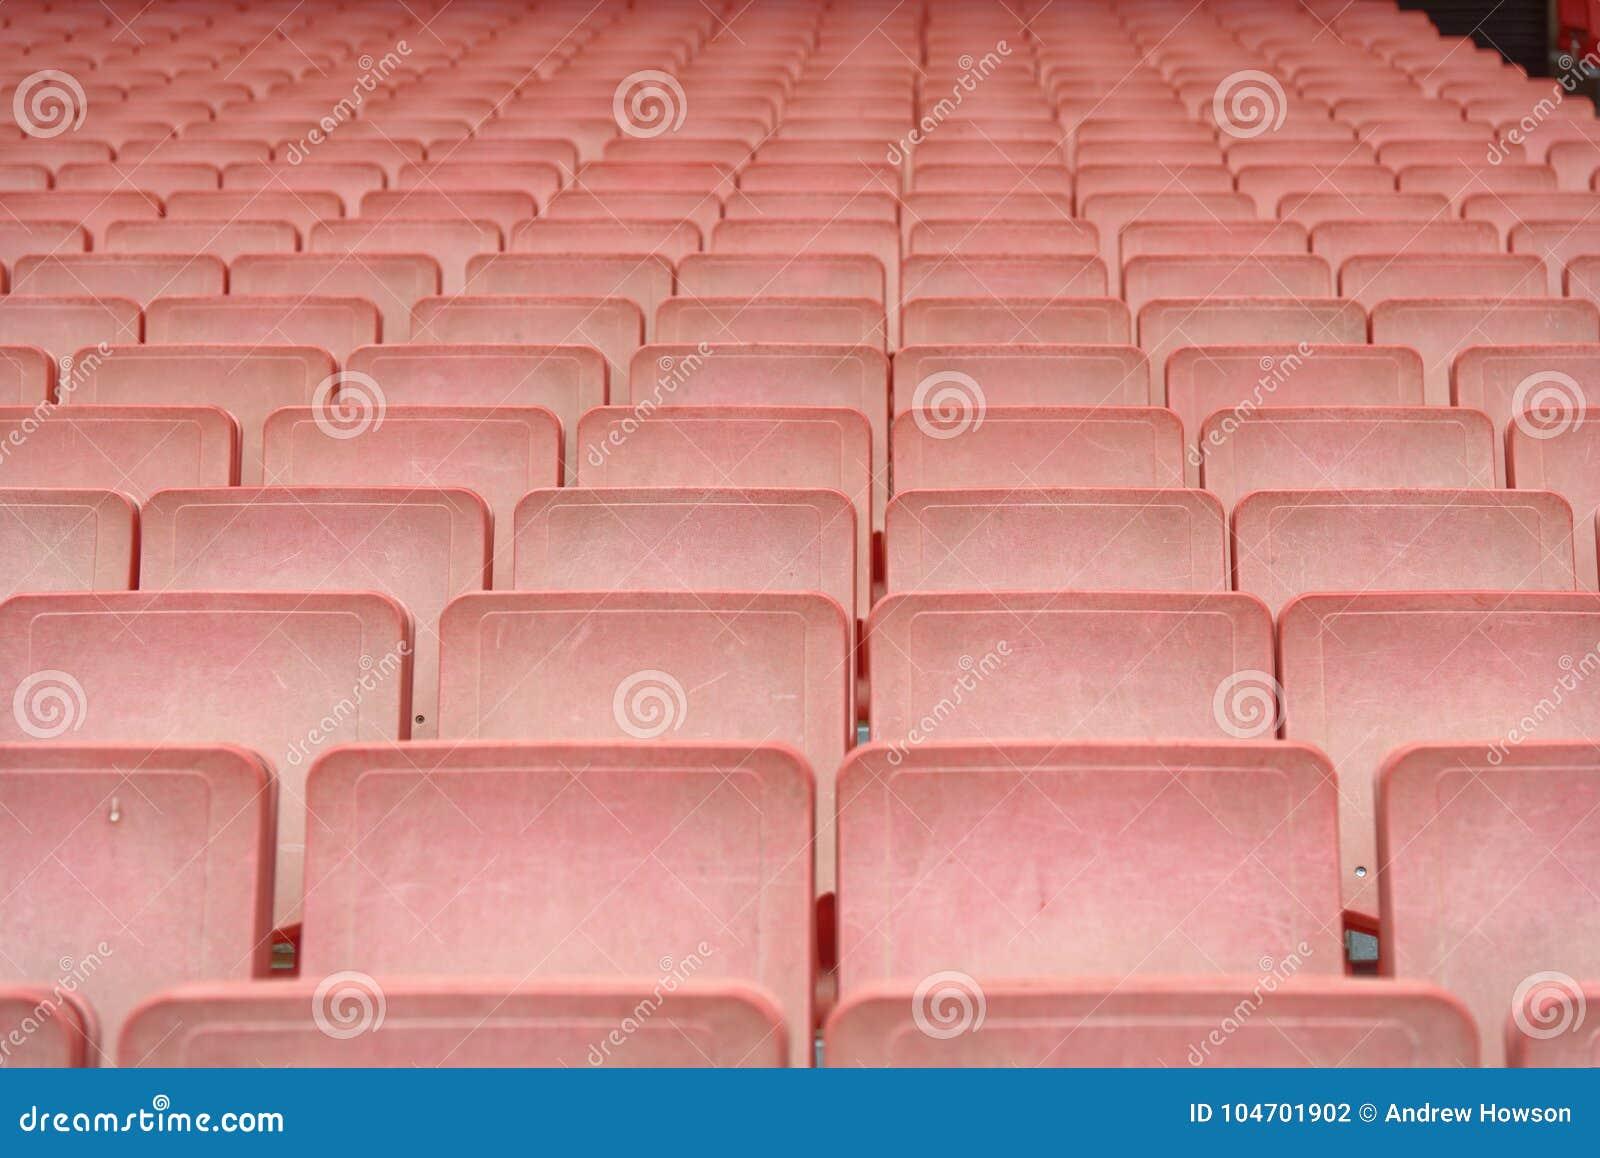 Fileiras de assentos vermelhos do estádio